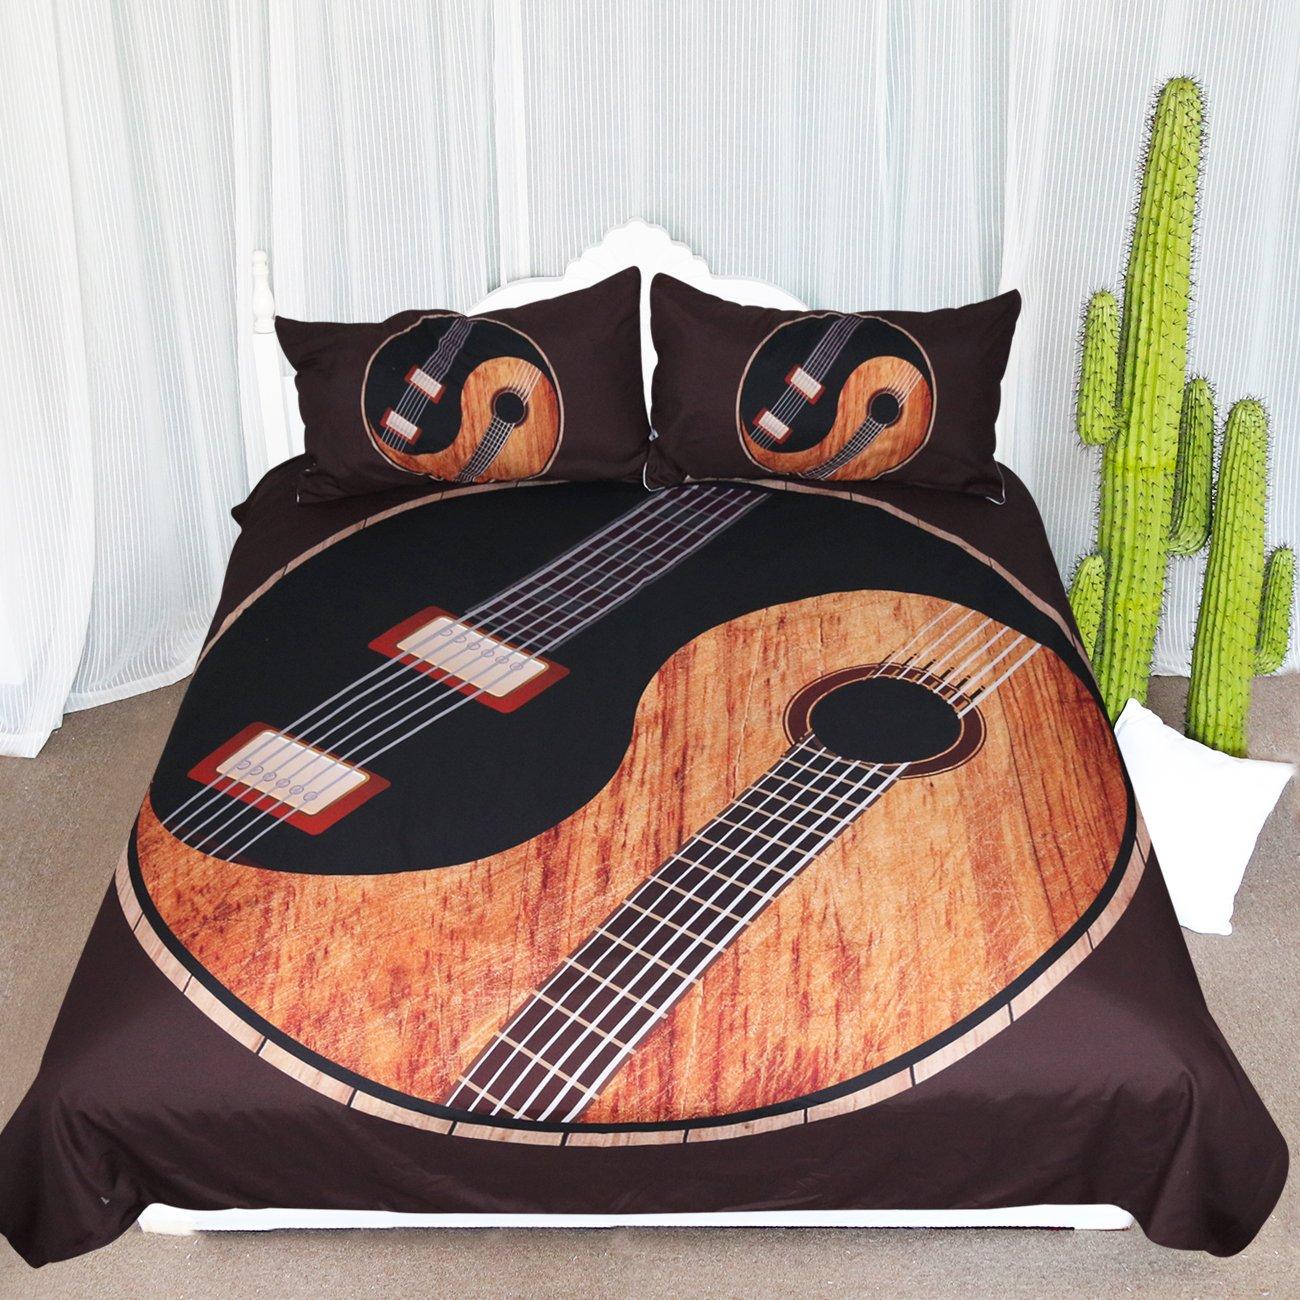 arightexホワイトブラック陰陽ギター寝具、ピアノと音楽羽毛布団カバー、3ピースベッドスプレッドCoverletセット フル オレンジ B0789Z1FBM オレンジ フル